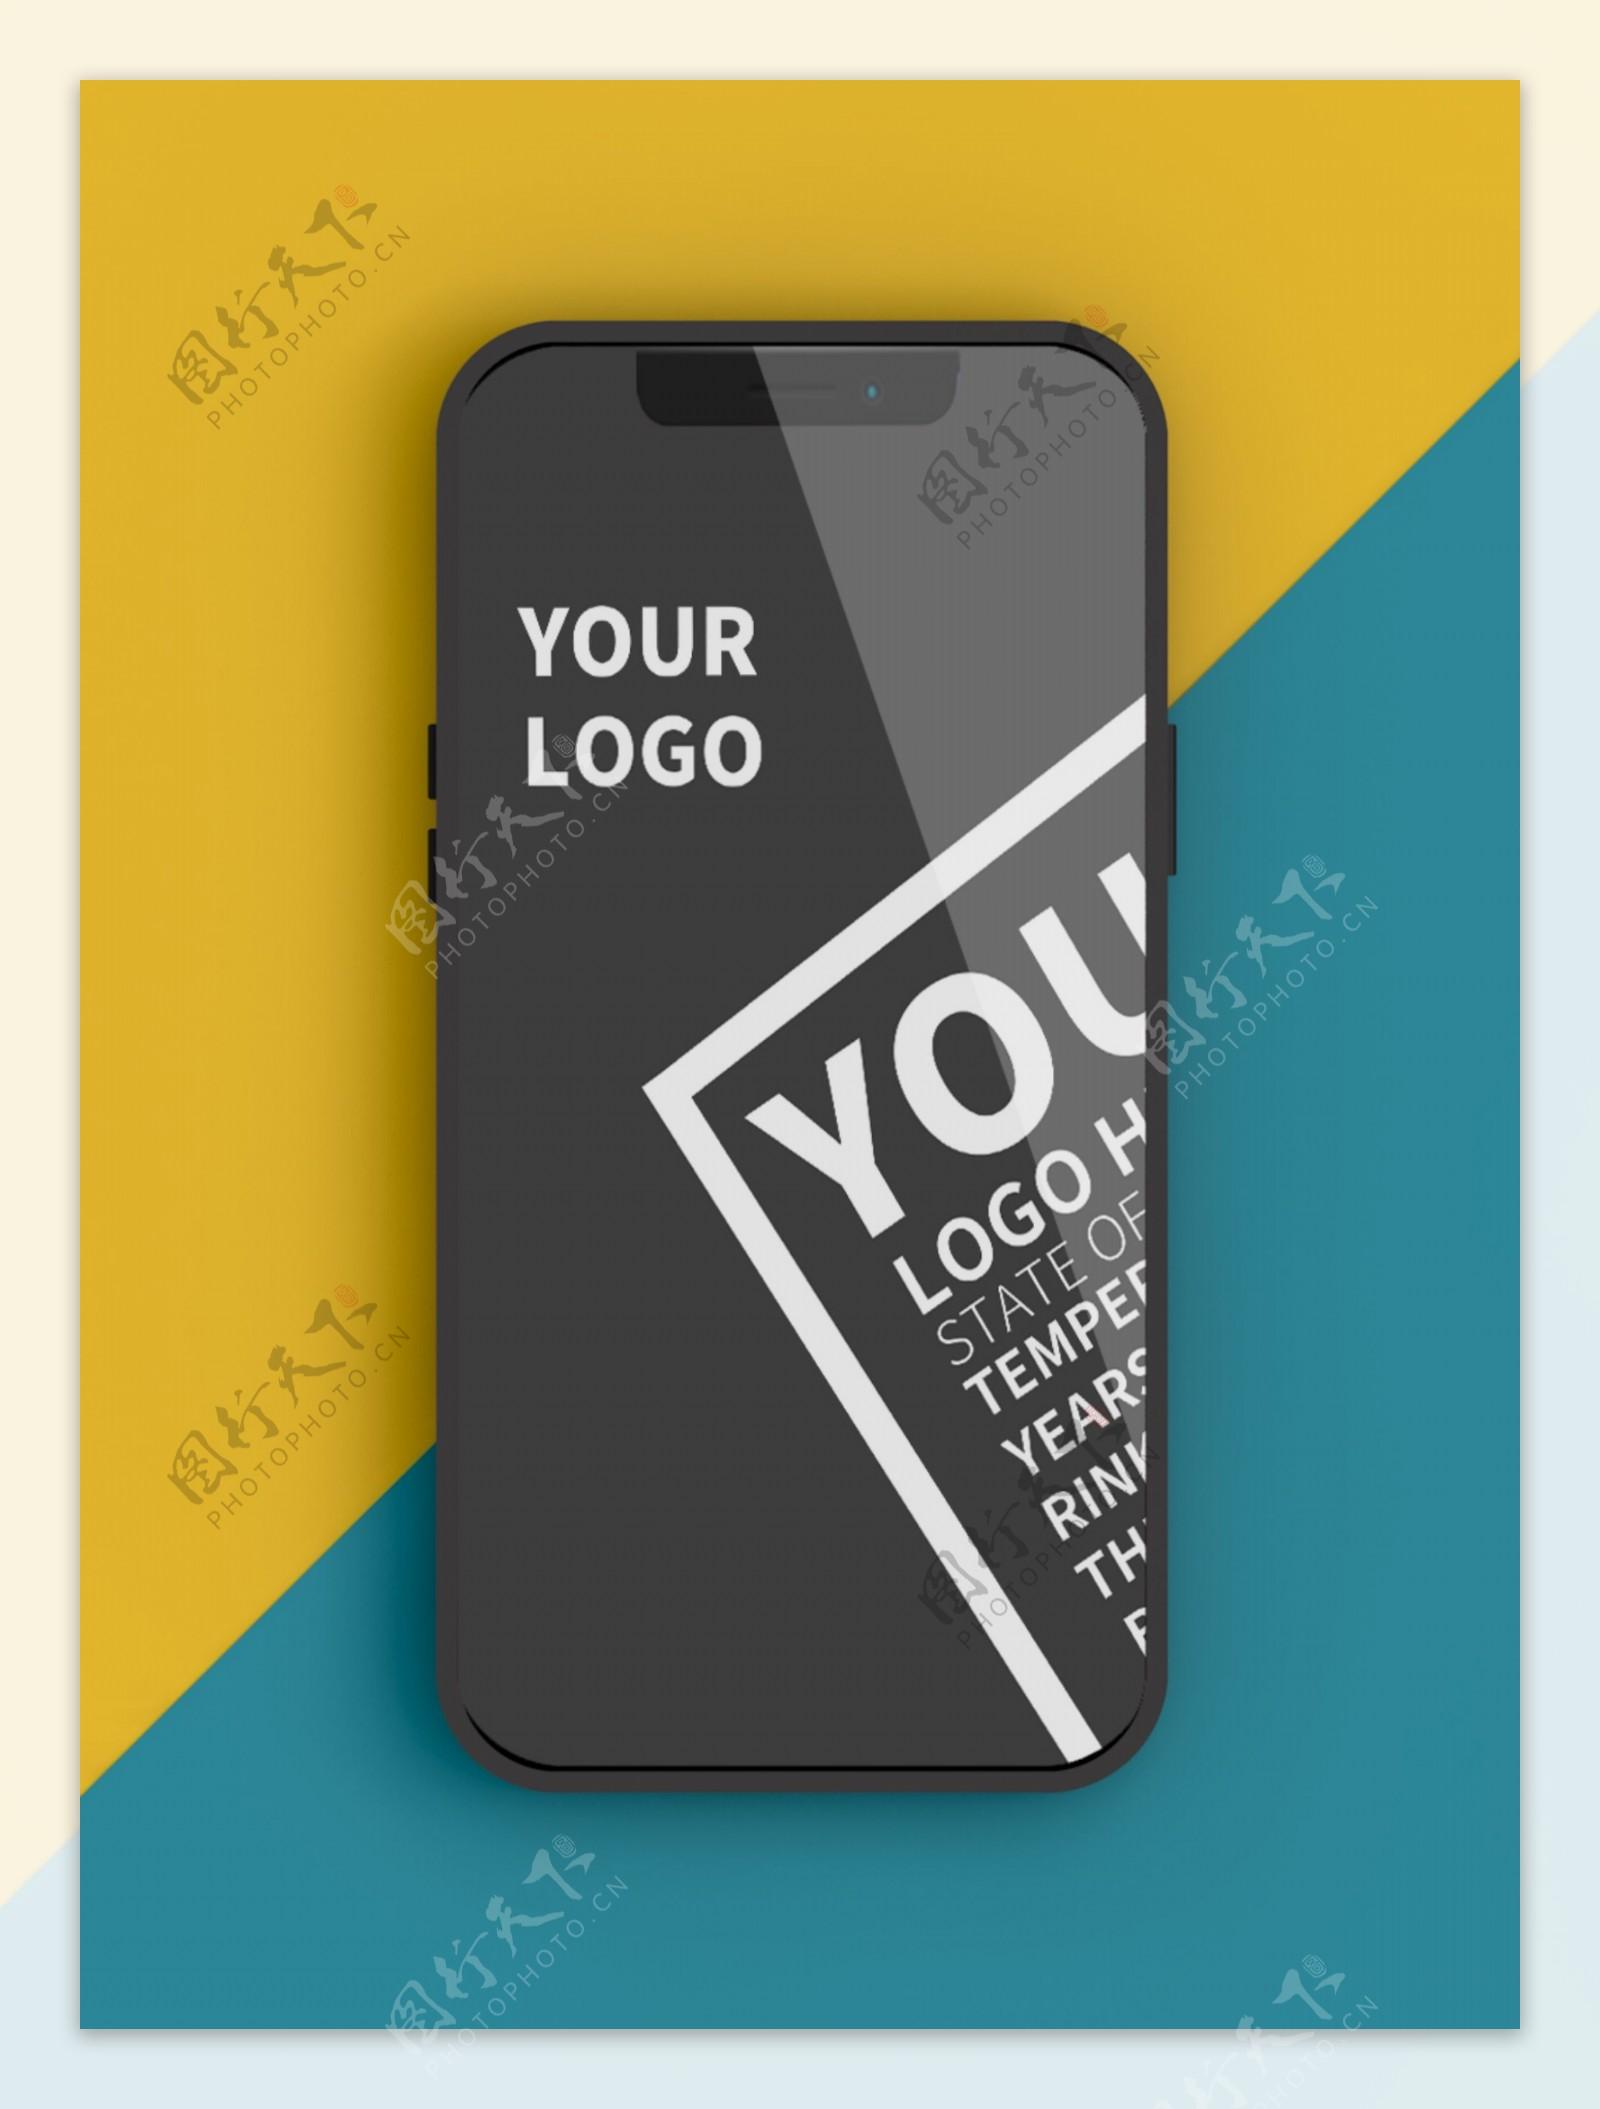 原创模型iPhone11手机UI样机